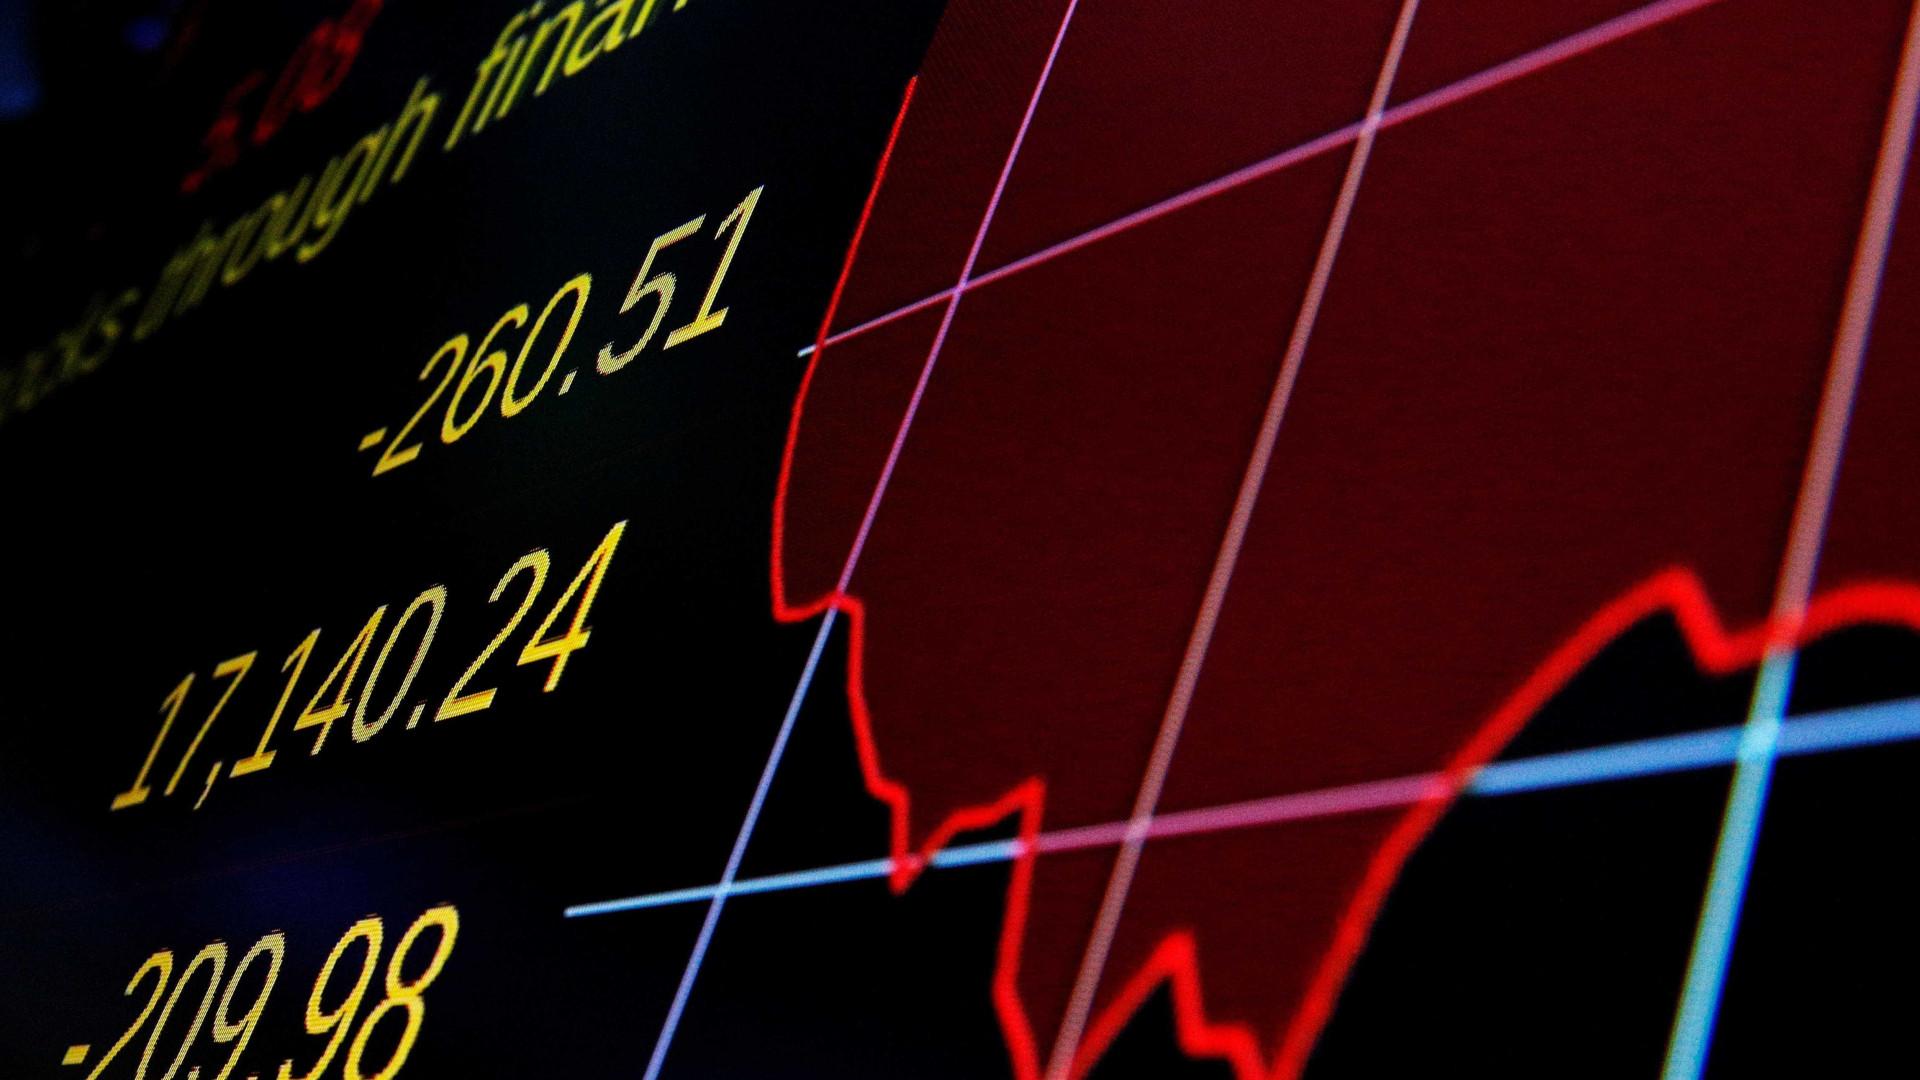 IPCA varia 0,16% no mês e acumula a menor inflação desde 1998